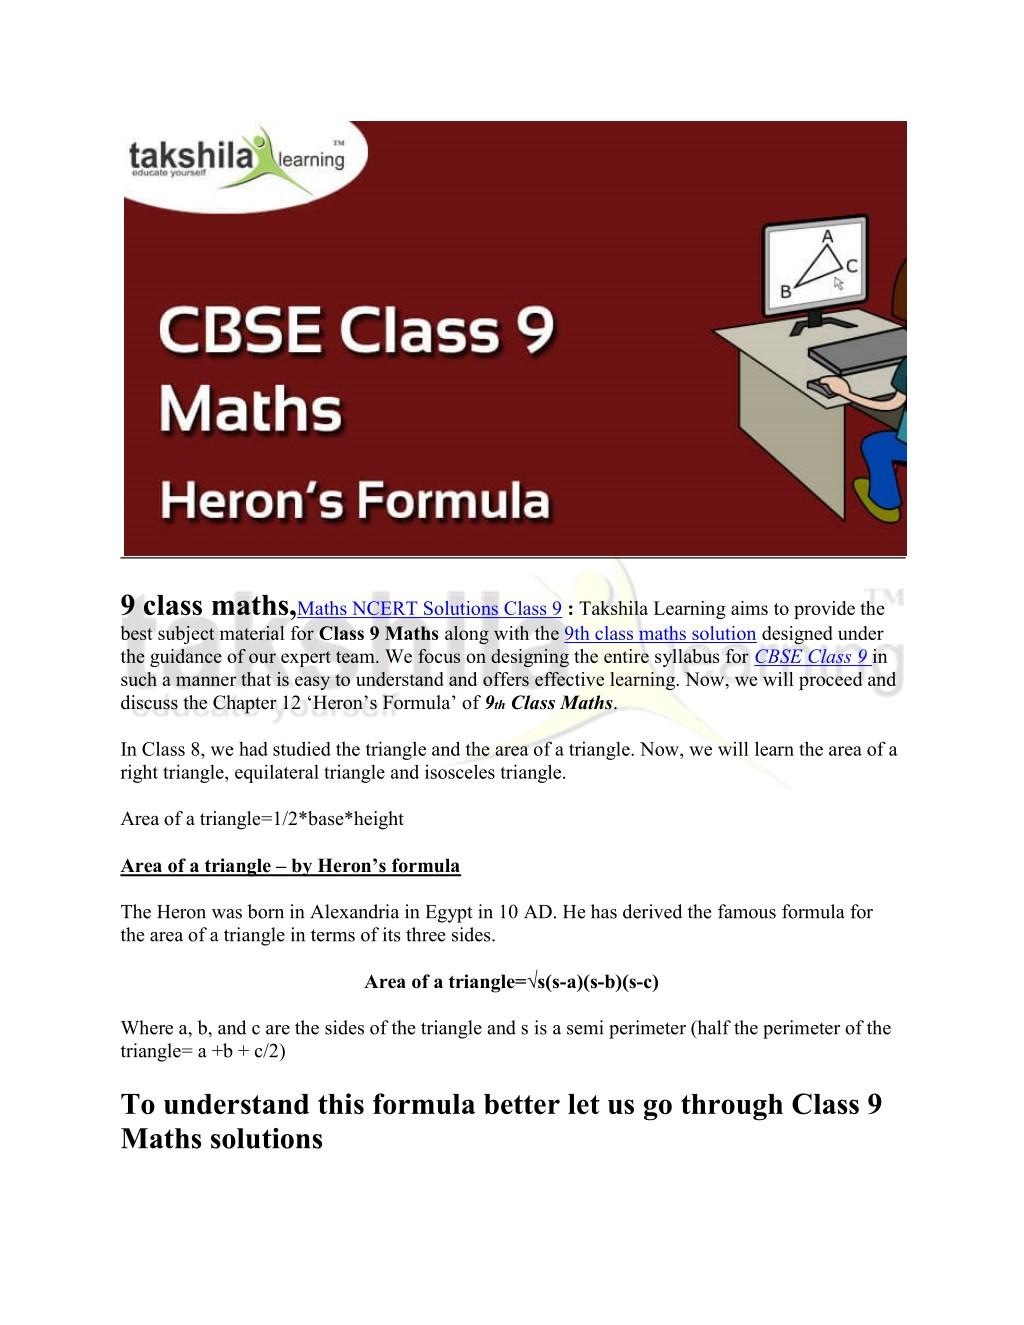 PPT - Maths NCERT Solutions Class 9 | Online CBSE 9th Class